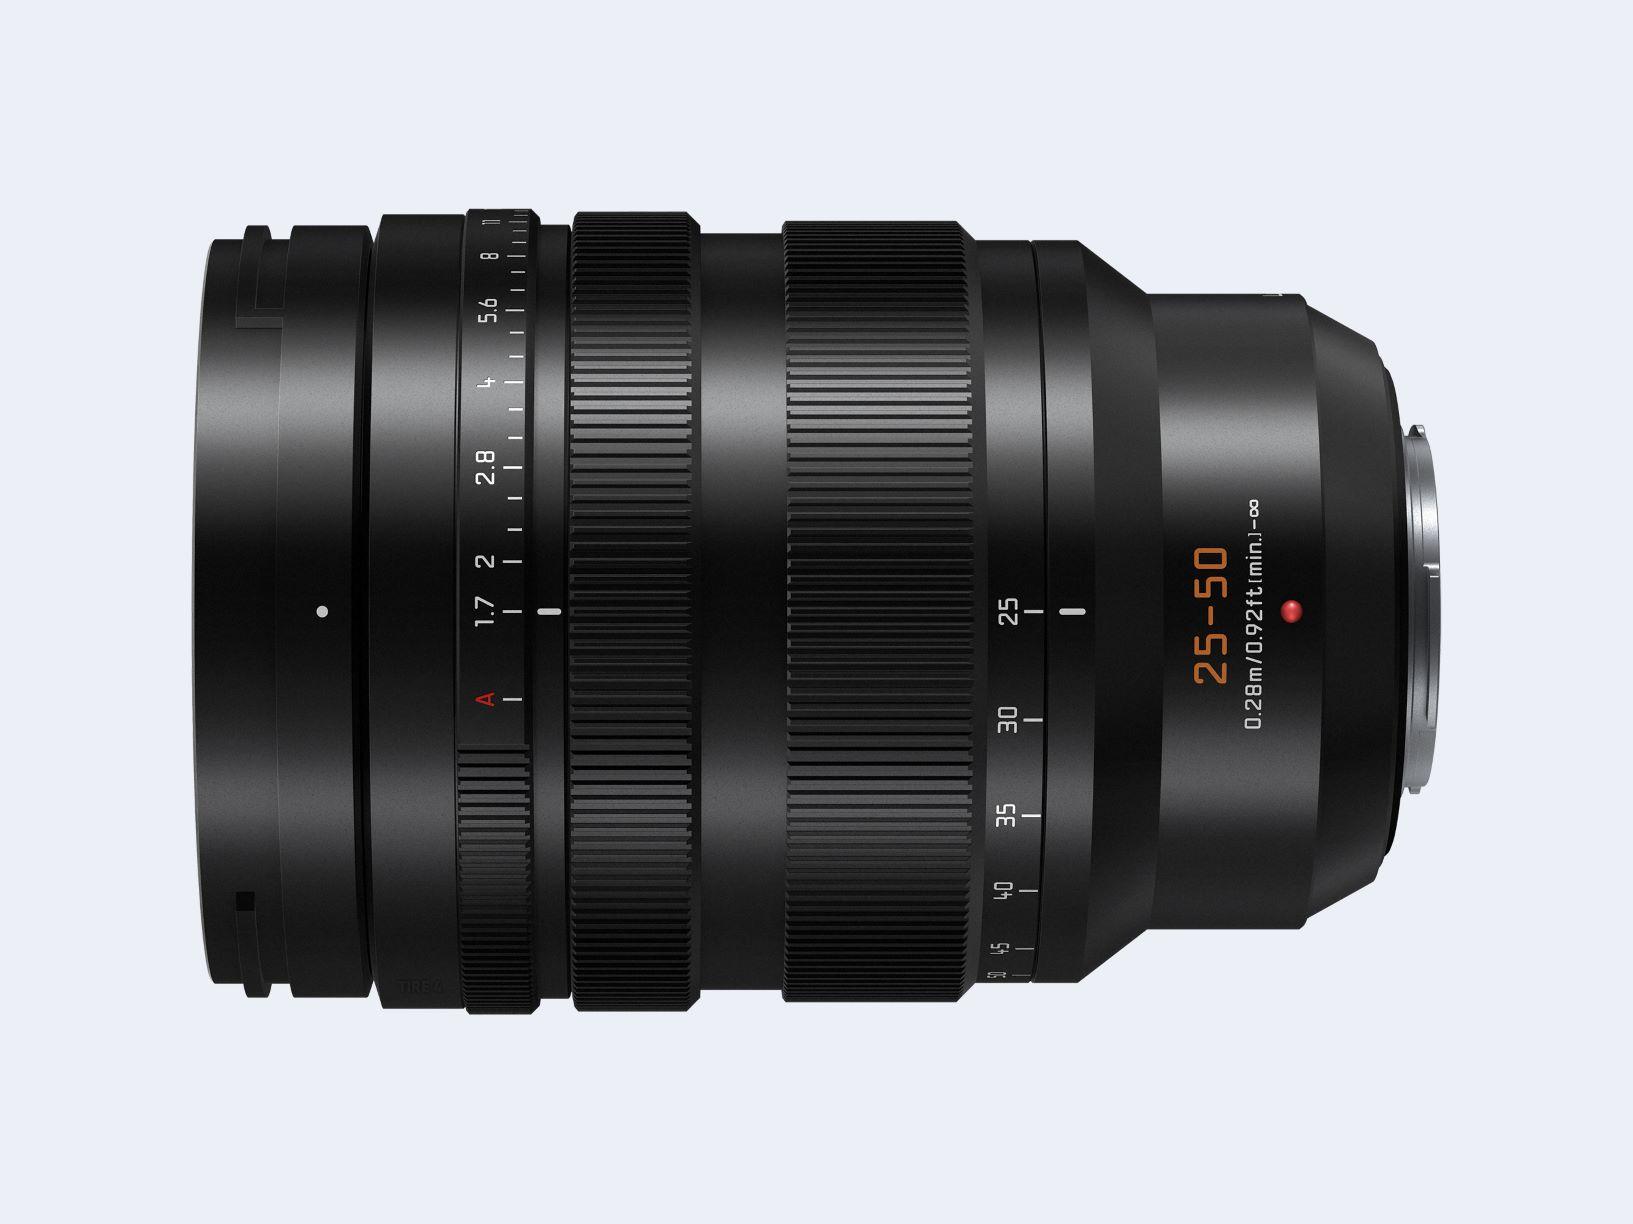 Panasonic LEICA DG VARIO-SUMMILUX 25-50mm lens